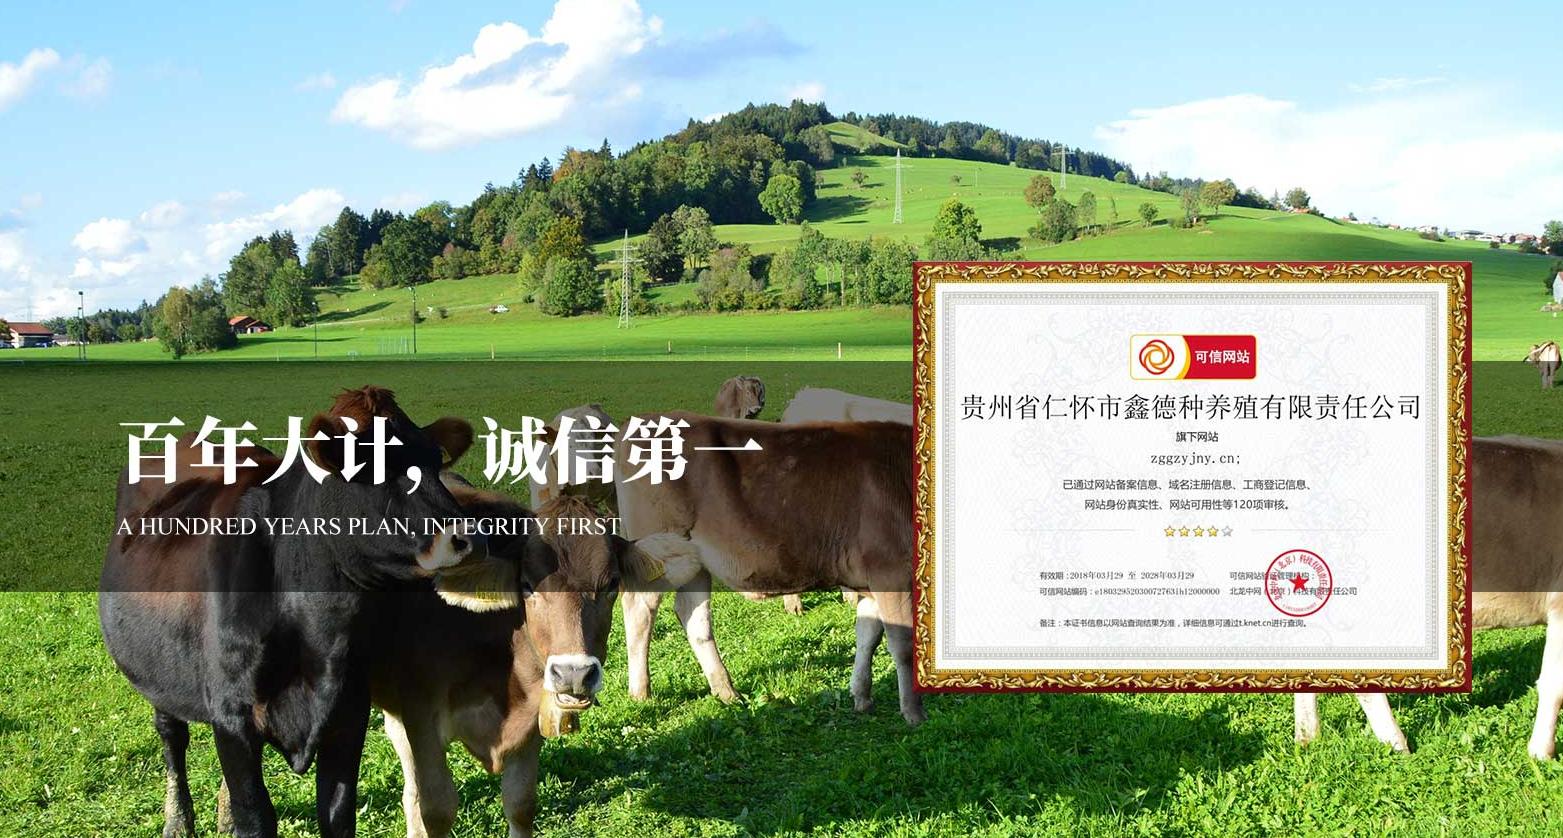 贵州有机农业发展 喜宴定制酒量大从优 贵州省仁怀市鑫德种养殖有限责任公司